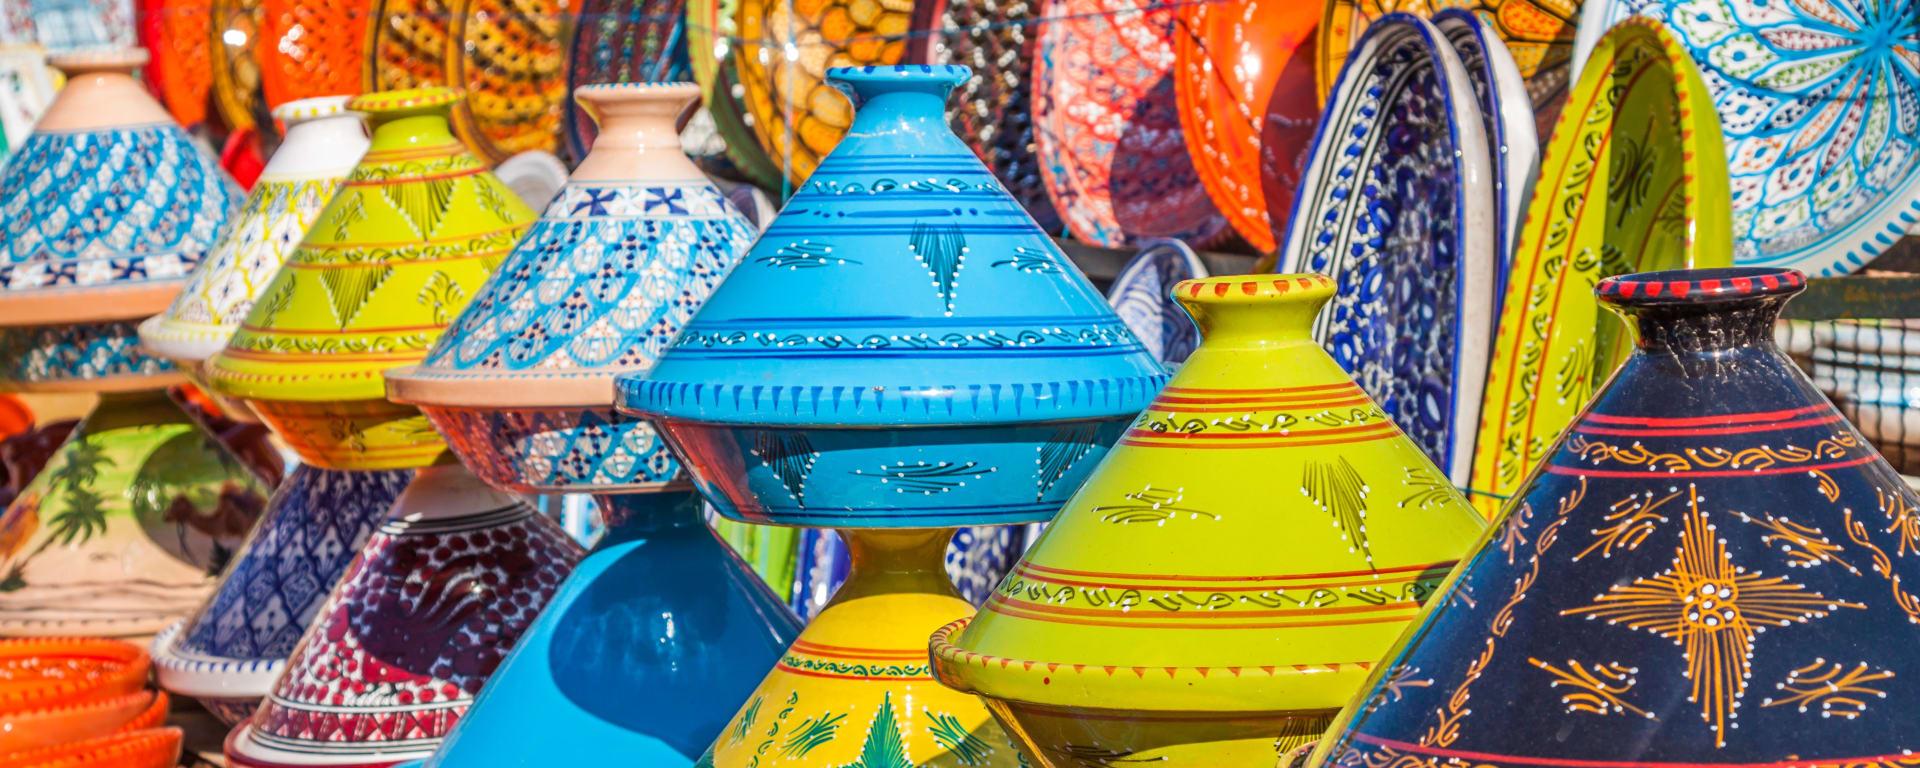 Marokko entdecken mit Tischler Reisen: Marokko Marrakesch Markt Tajines